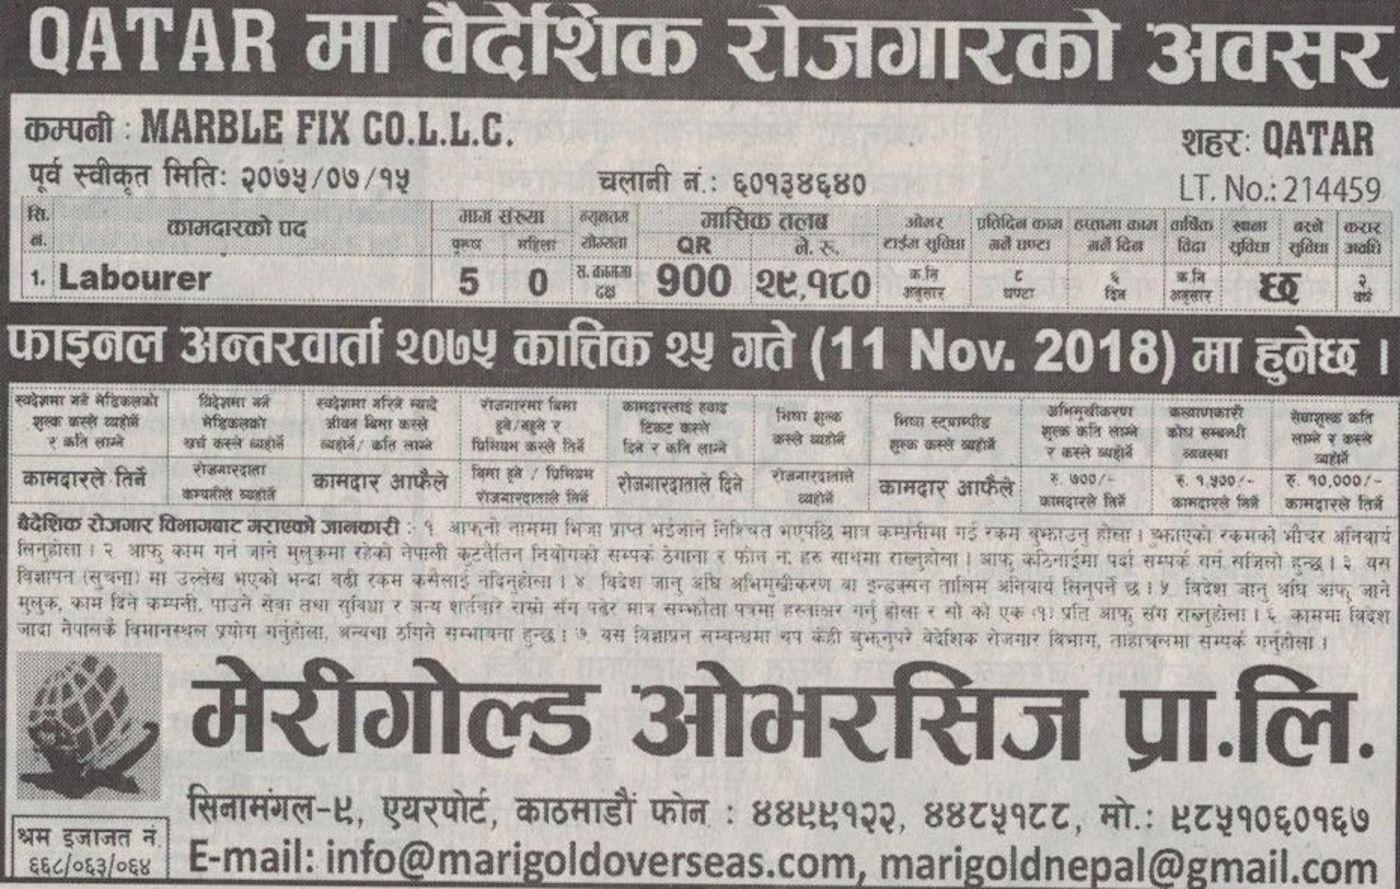 Jobs Nepal - Vacancy - Laborer - Marble Fix Co  L L C  - Qatar